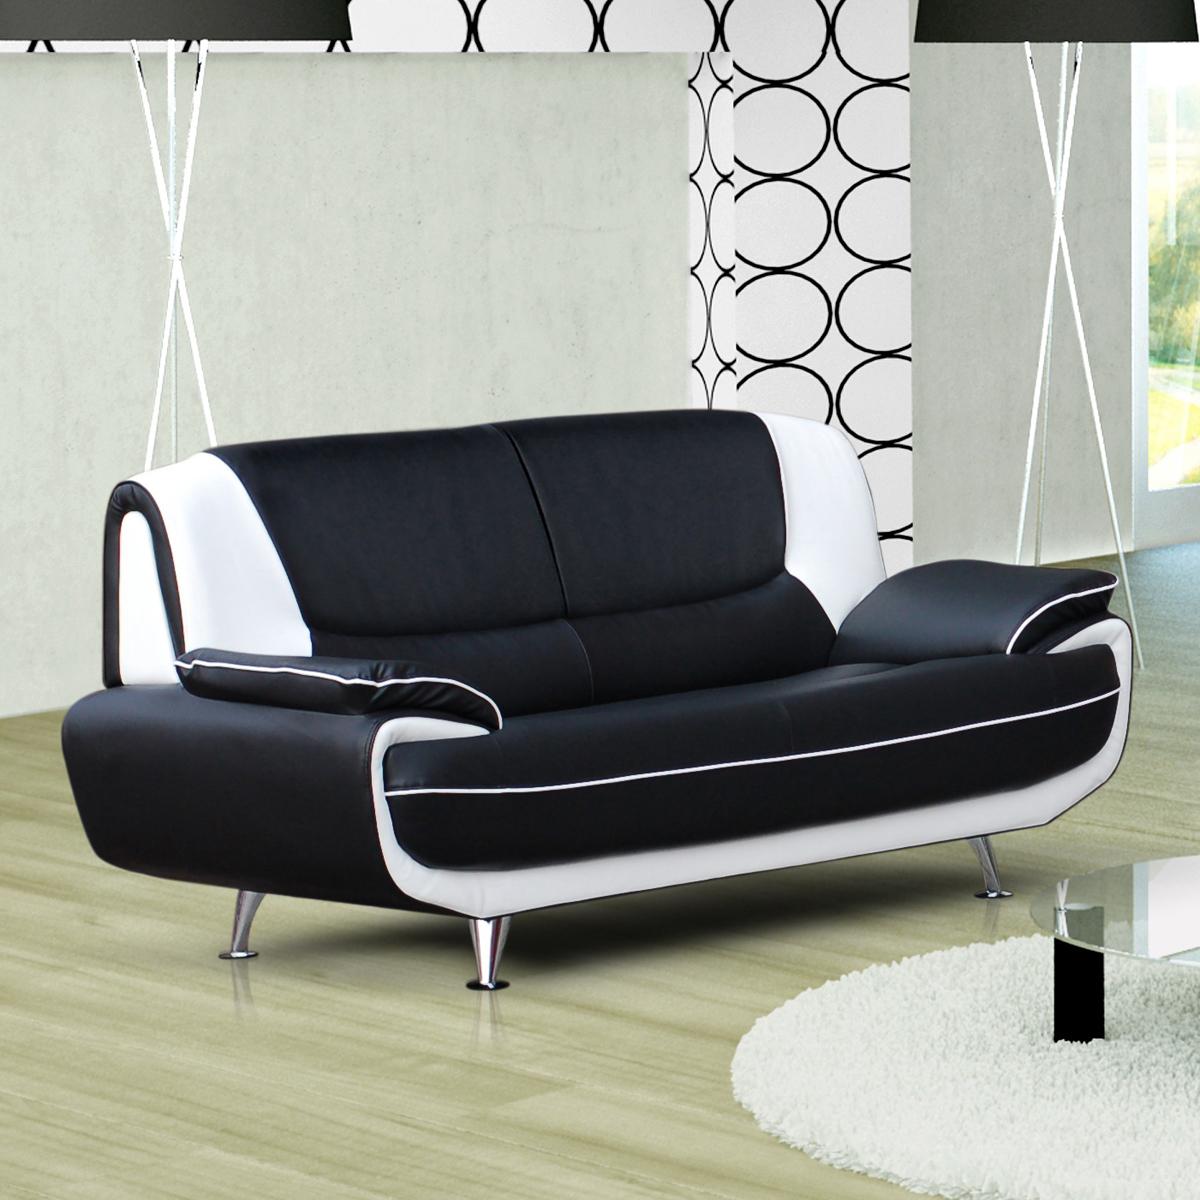 Faszinierend Ecksofa Schwarz Ideen Von Interesting Sofa Couch Palermo Wohnzimmer Designer Eckcouch